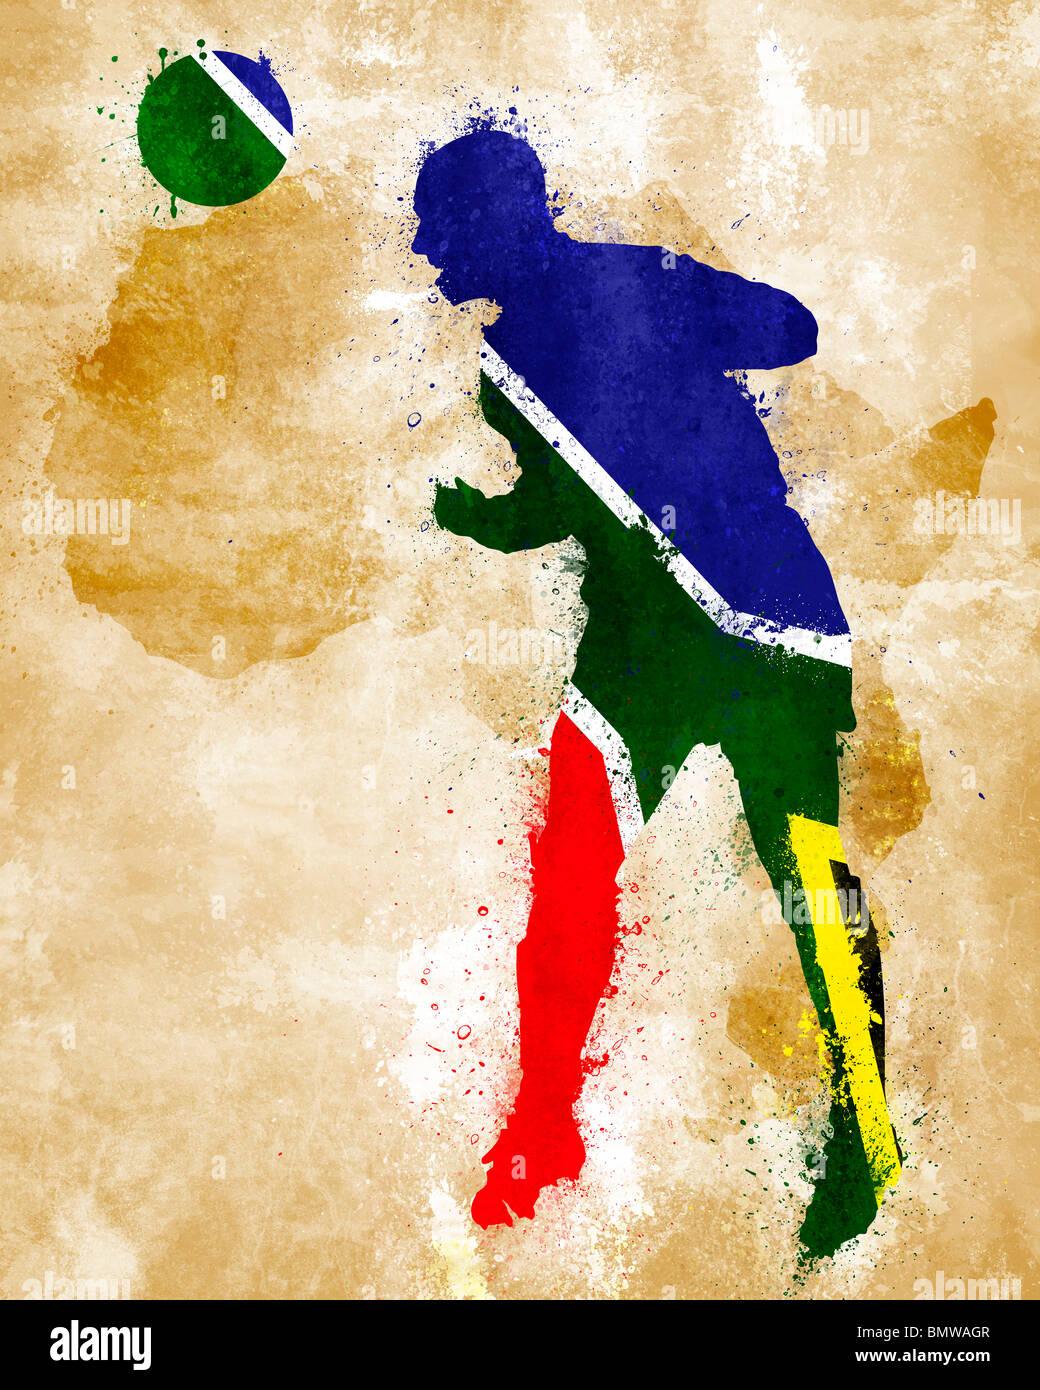 Un joueur de soccer avec drapeau sud-africain peintBanque D'Images